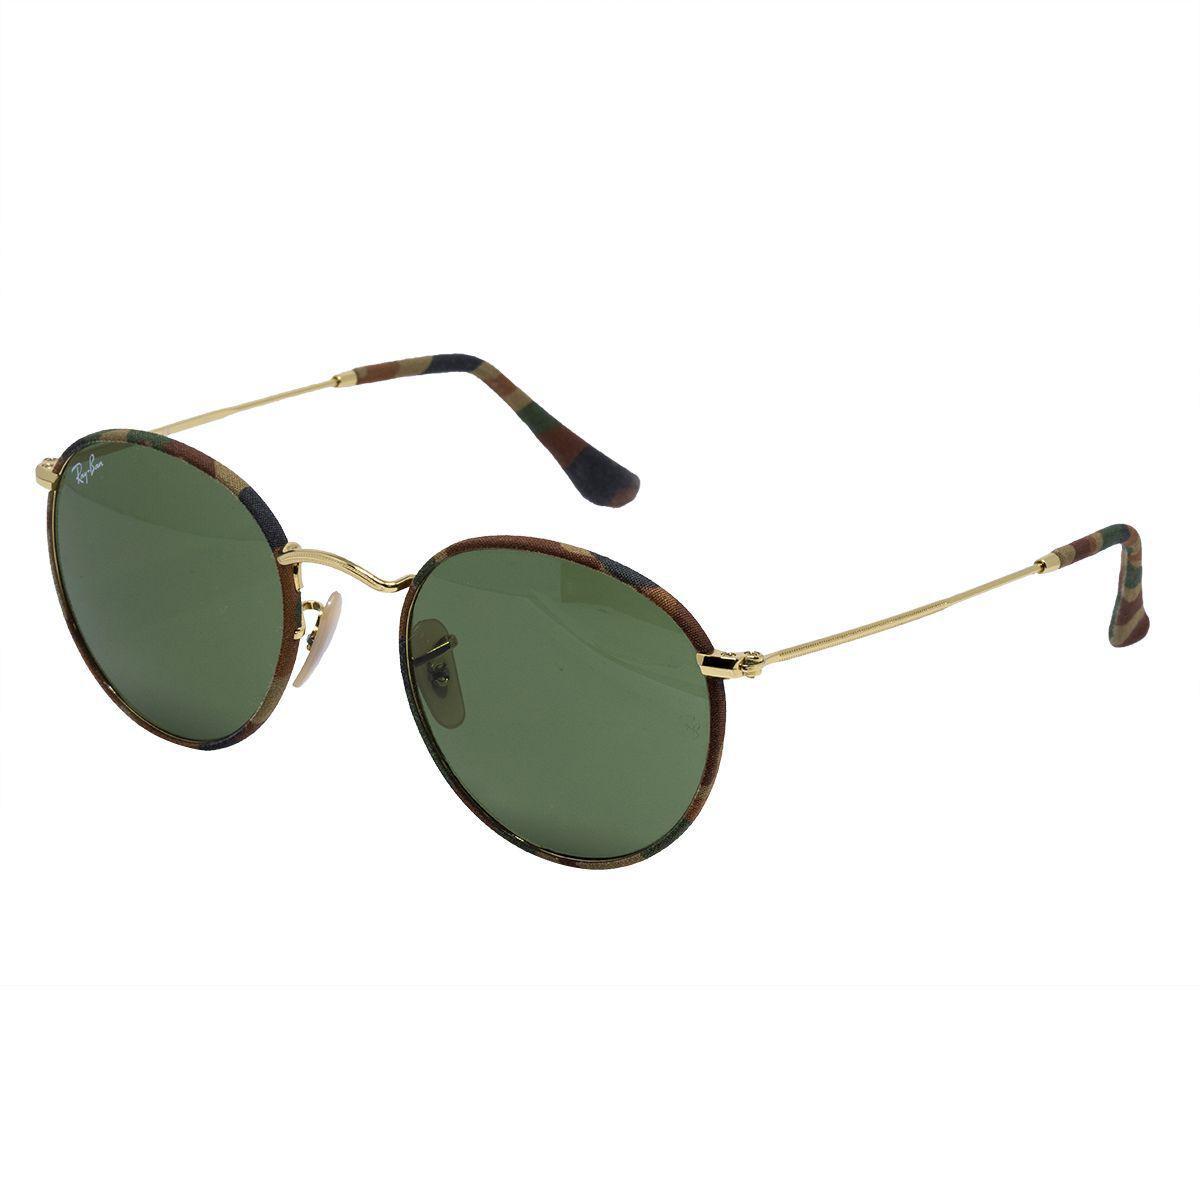 d7b65d3c20a43 Óculos de Sol Ray Ban Round Metal Unissex RB3447 - Metal e Tecido Militar